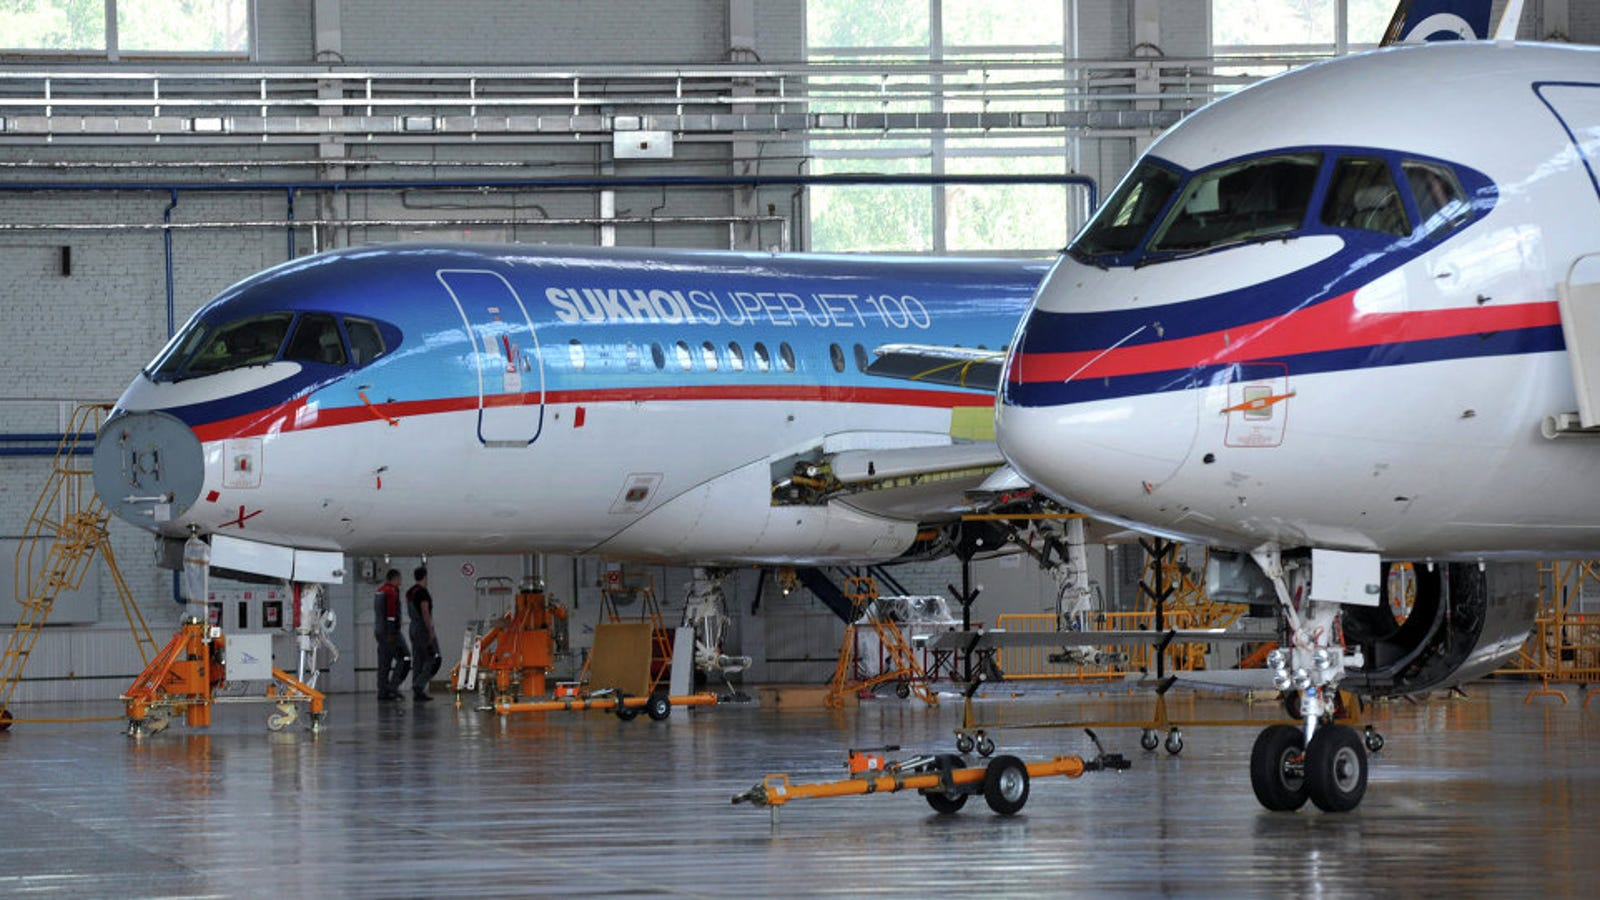 Resultado de imagen para Sukhoi SSJ-100 factory